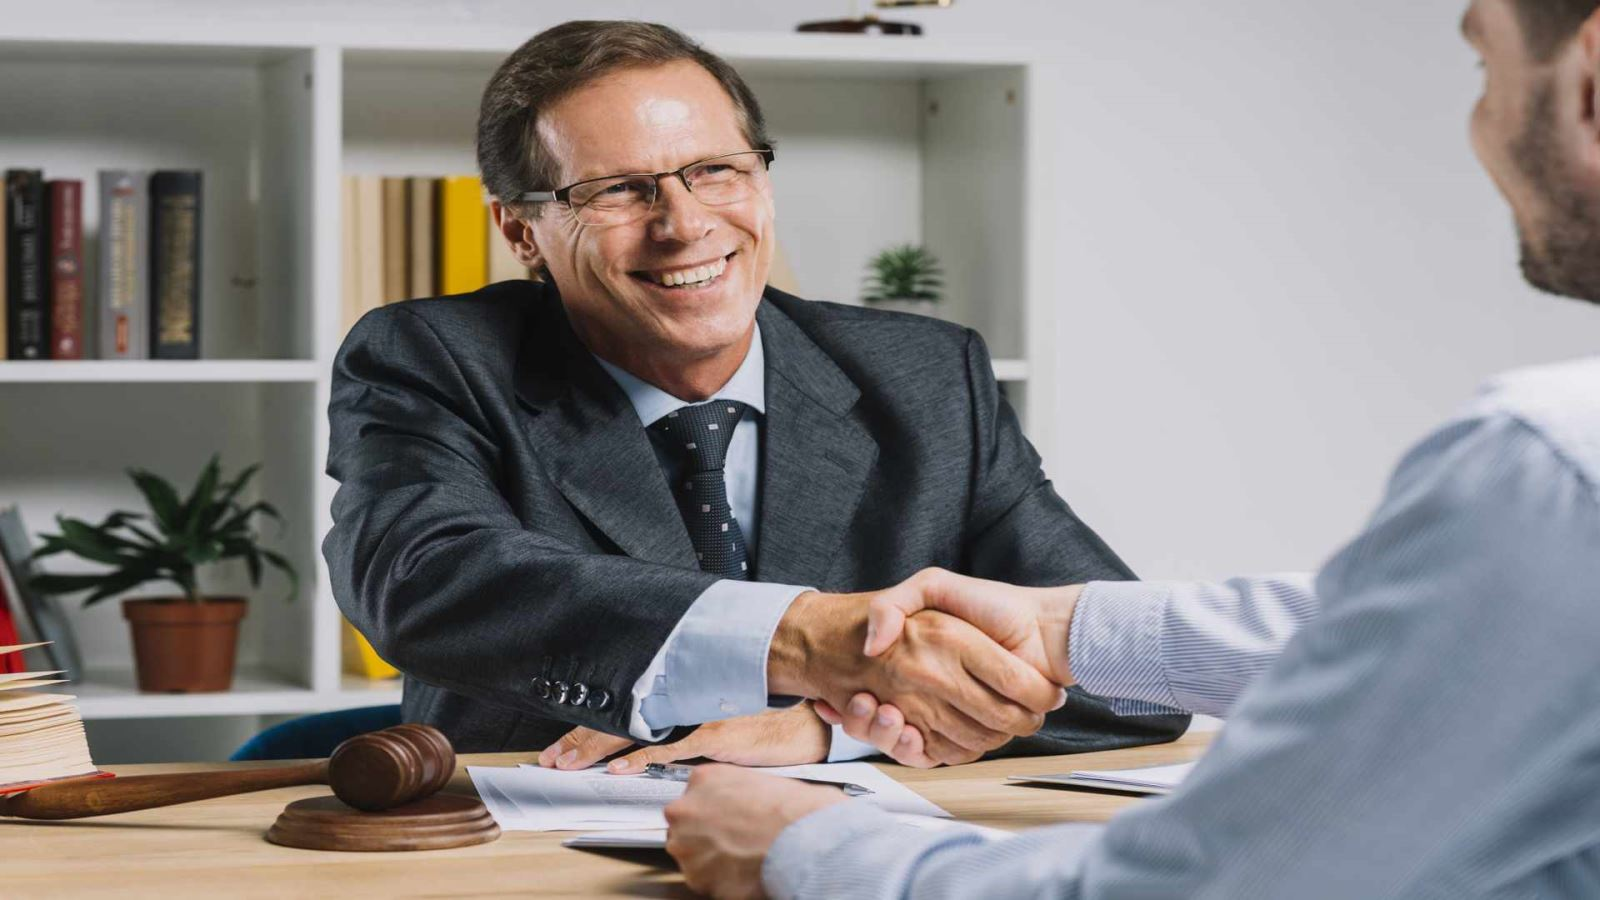 עורך דין מעסיקים ובעל עסק חותמים חוזה